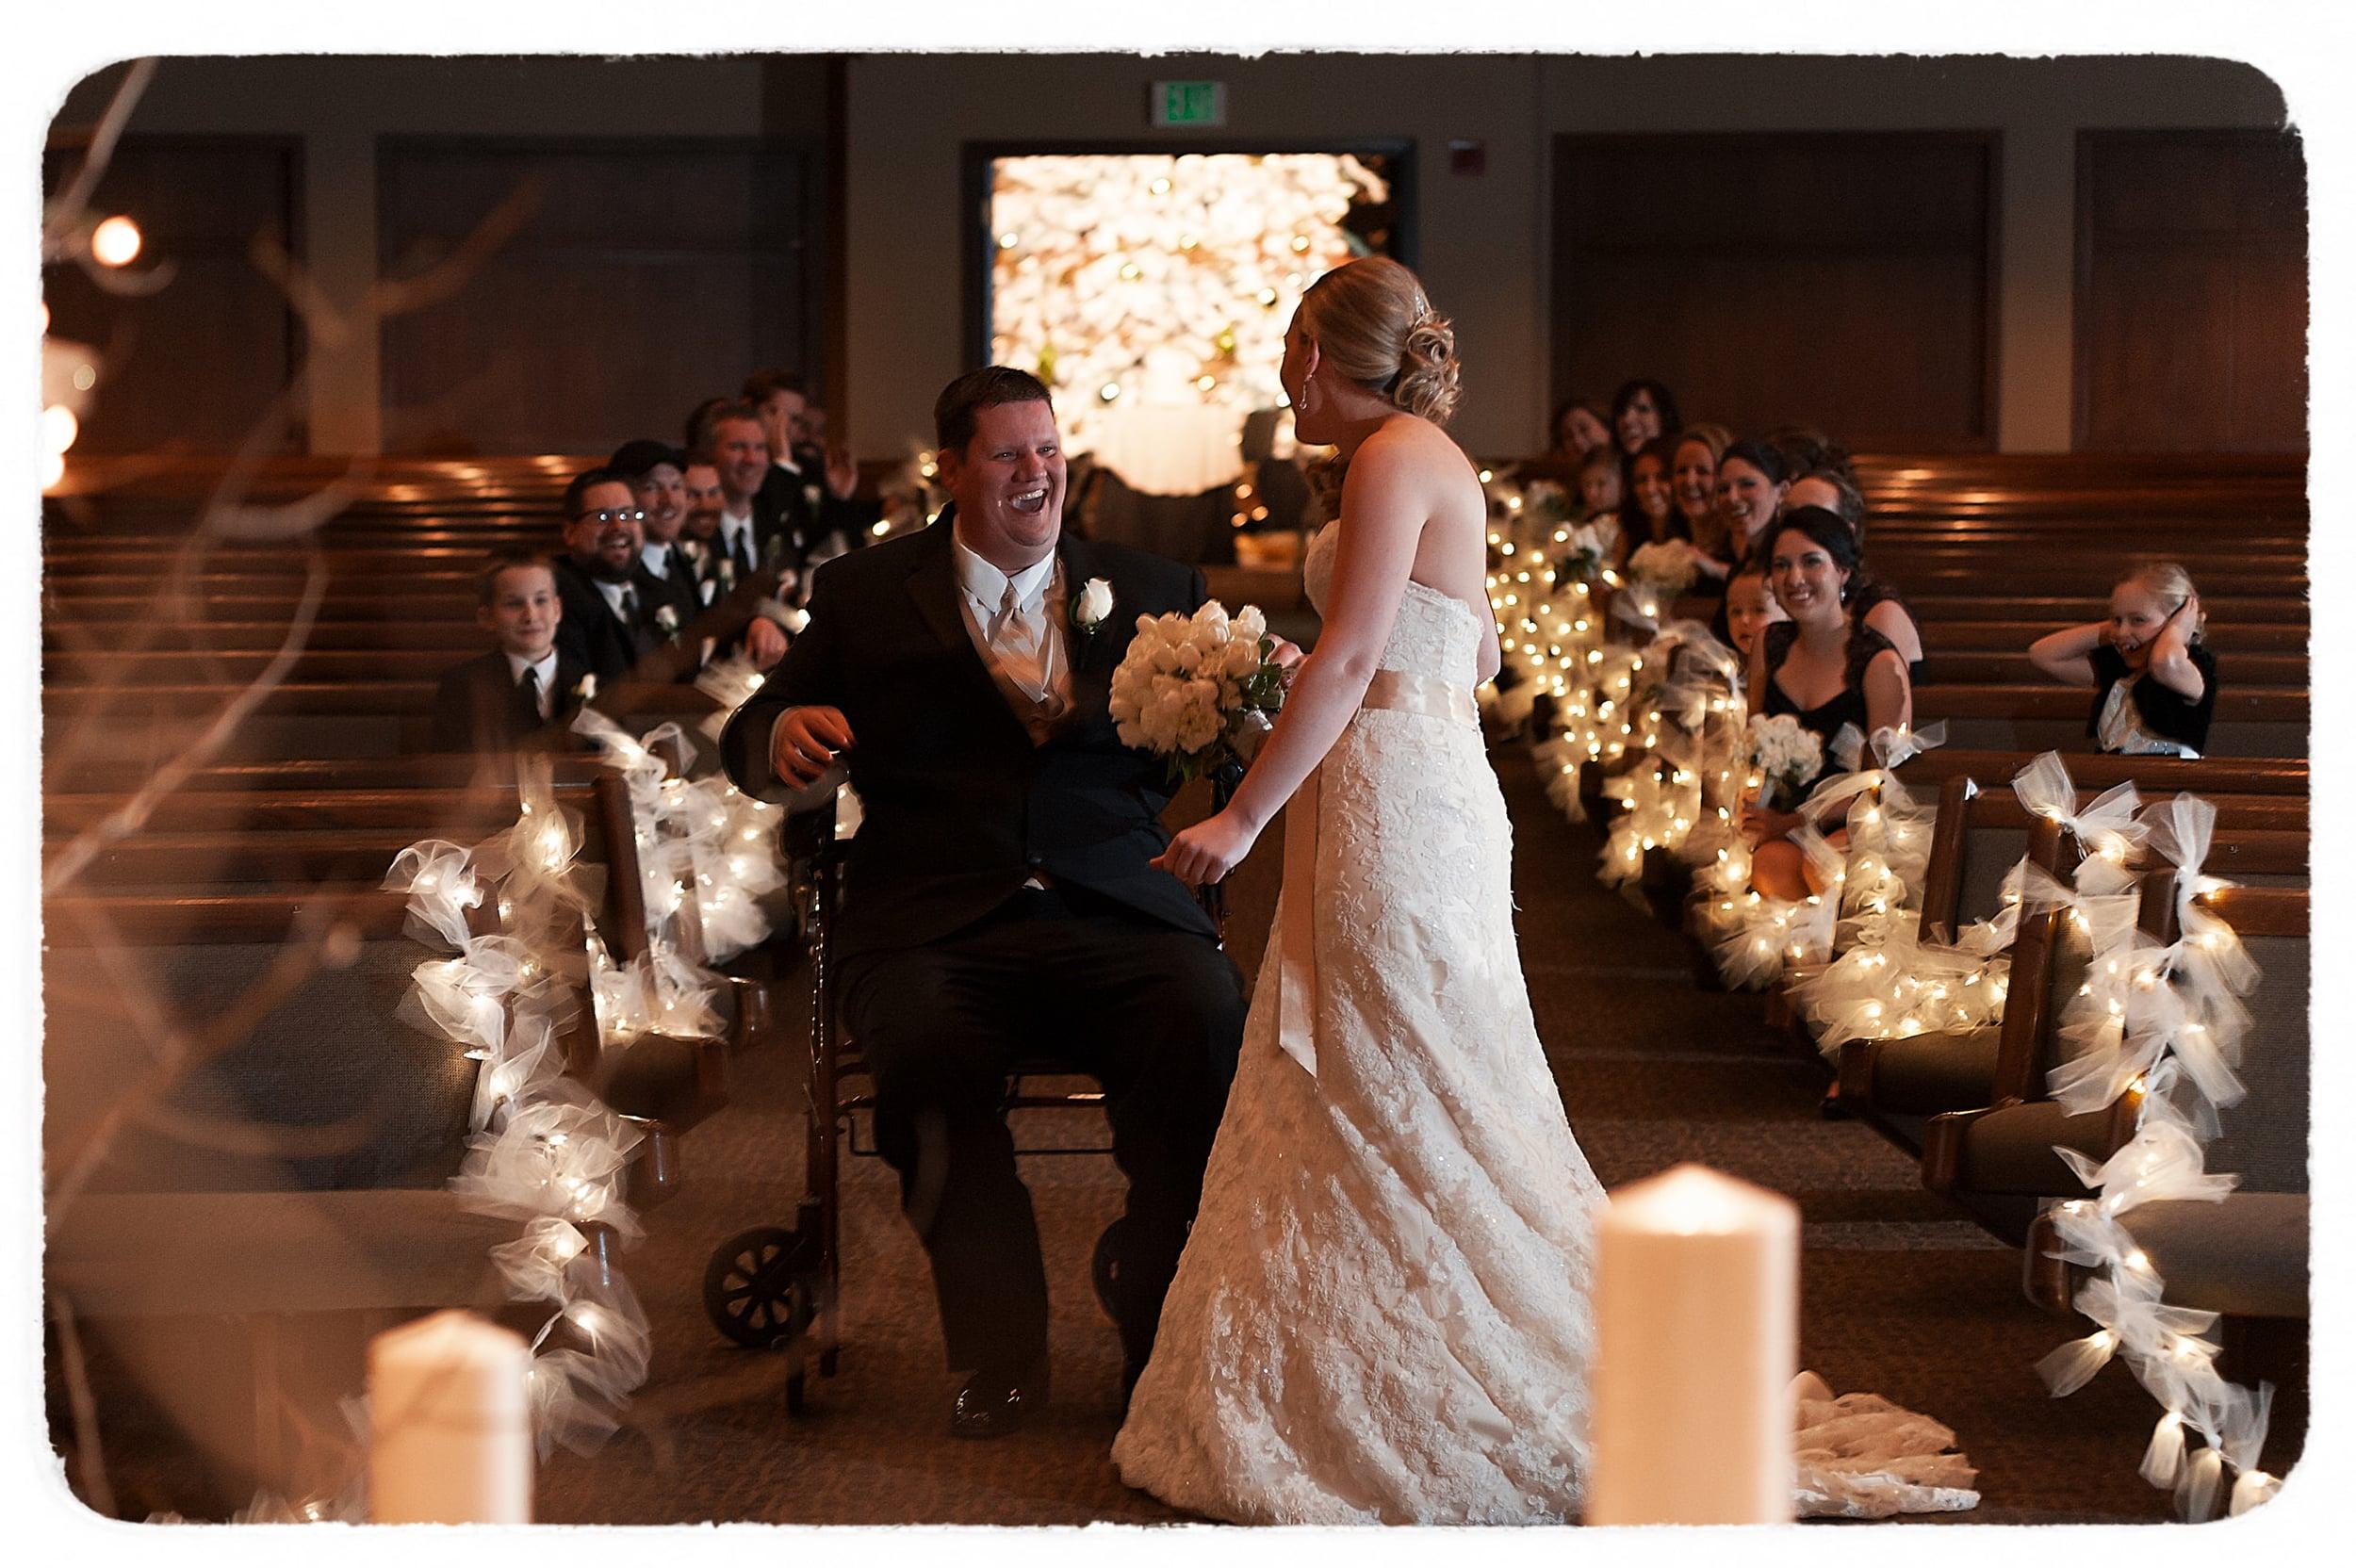 Jennifer & Patrick - Pre-Ceremony - 172Film.jpg